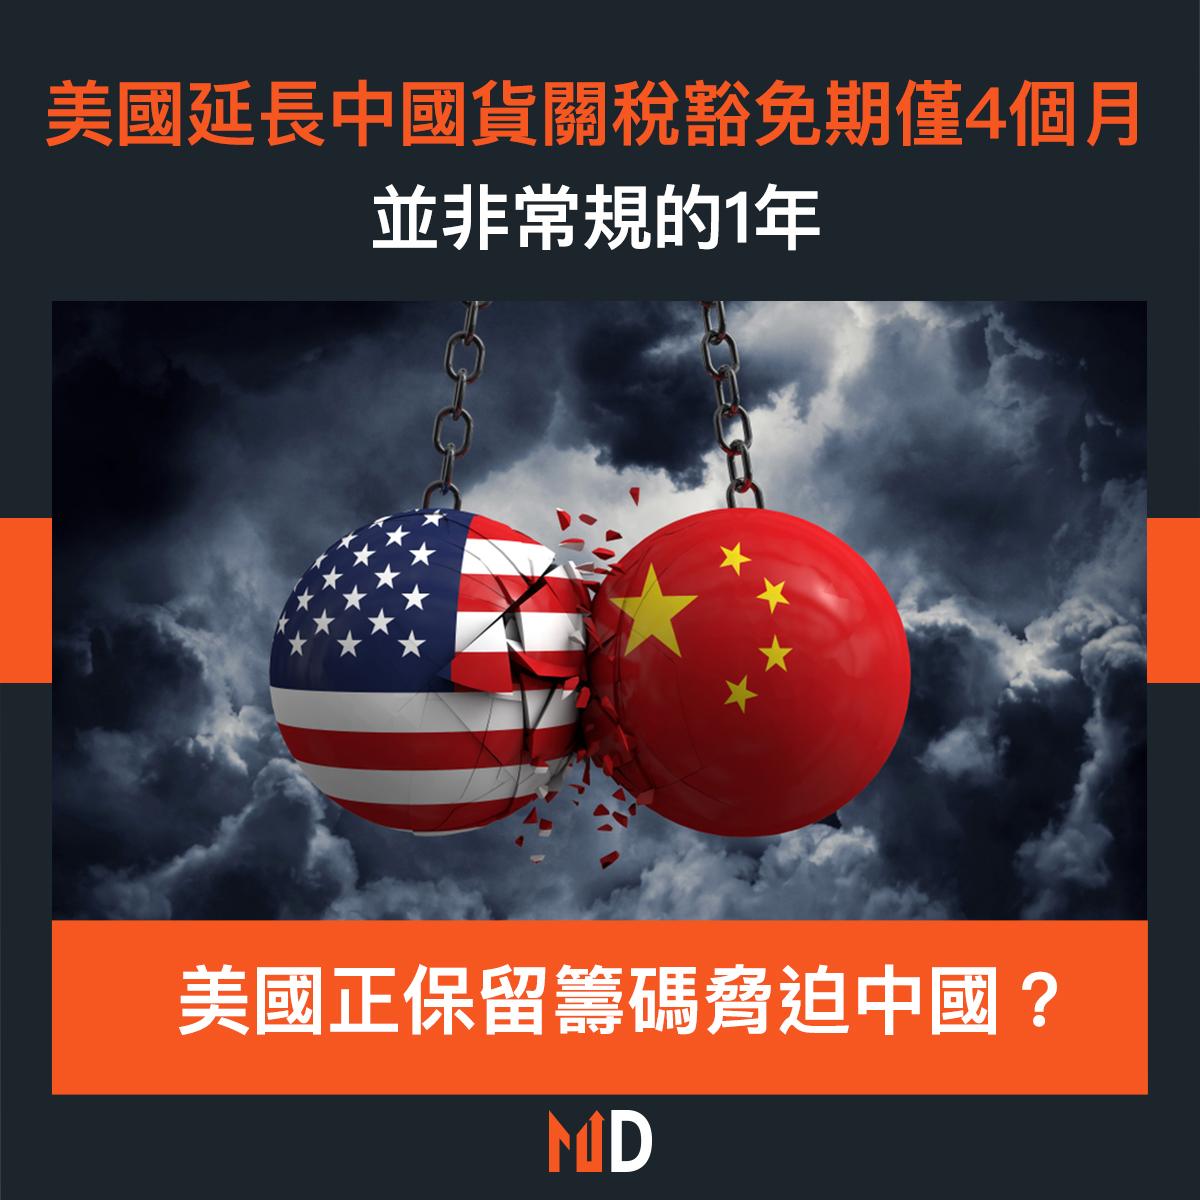 【市場熱話】美國延長中國貨關稅豁免期僅4個月,並非常規的1年